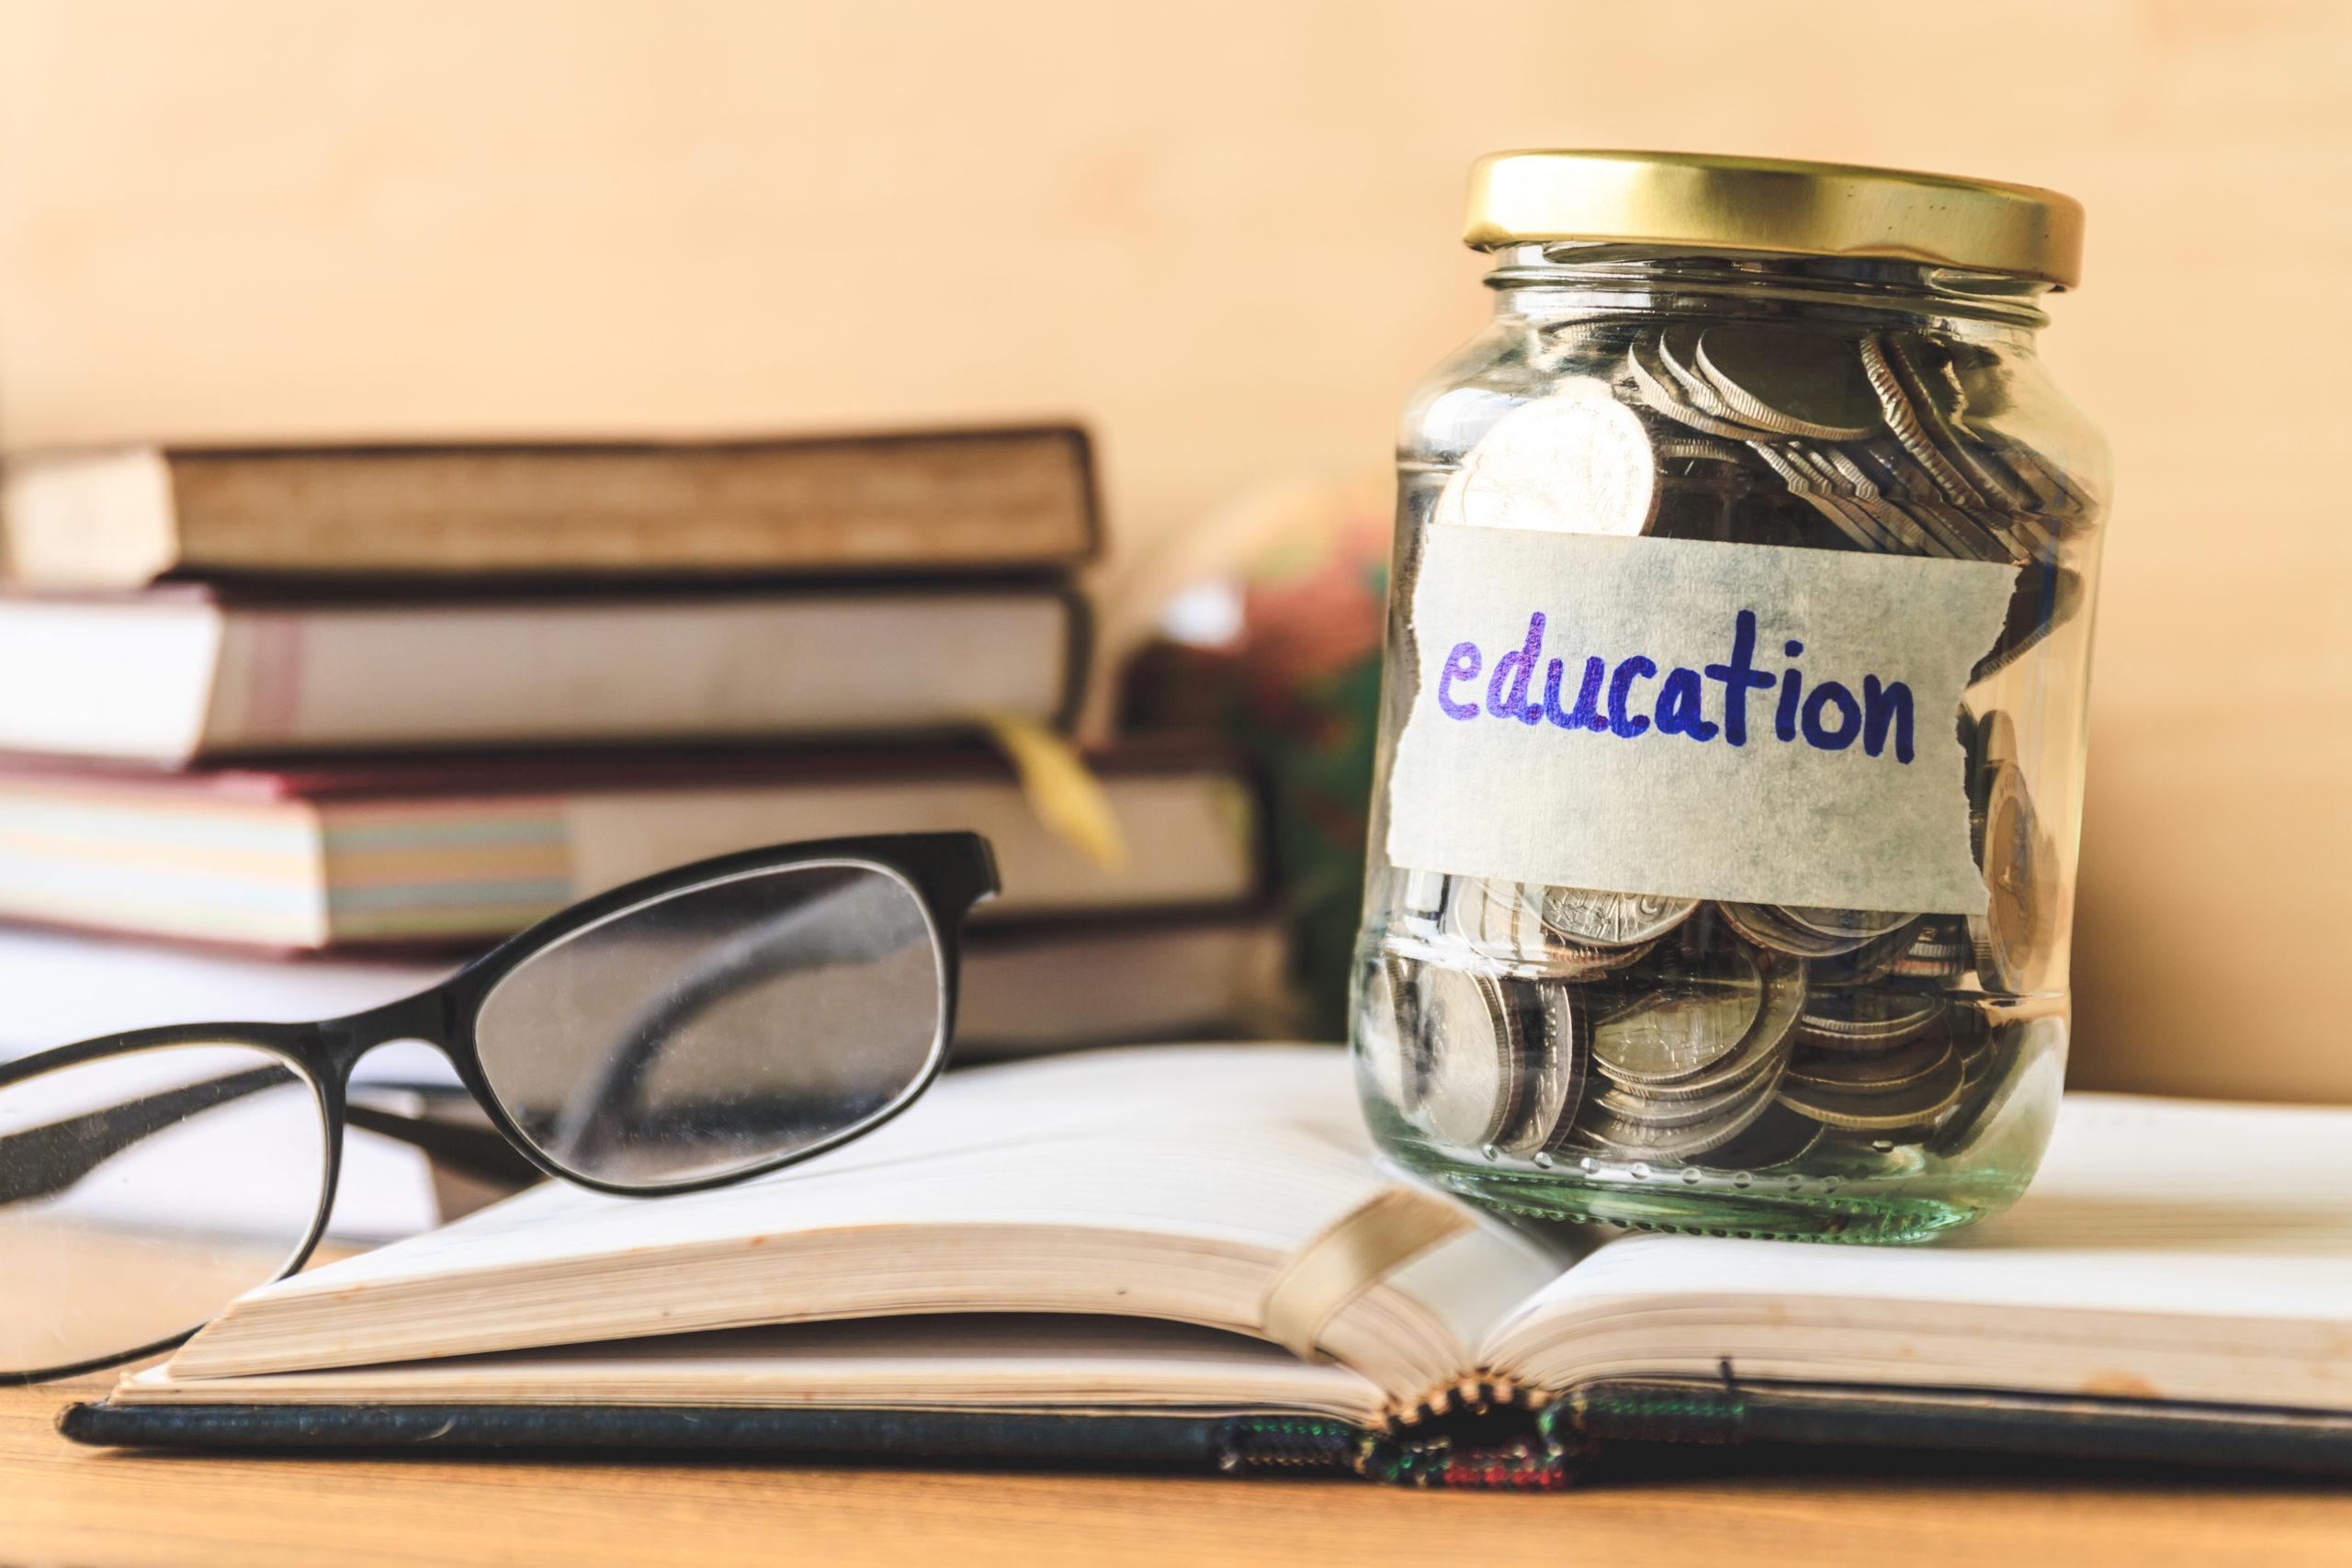 International School Fees in Thailand